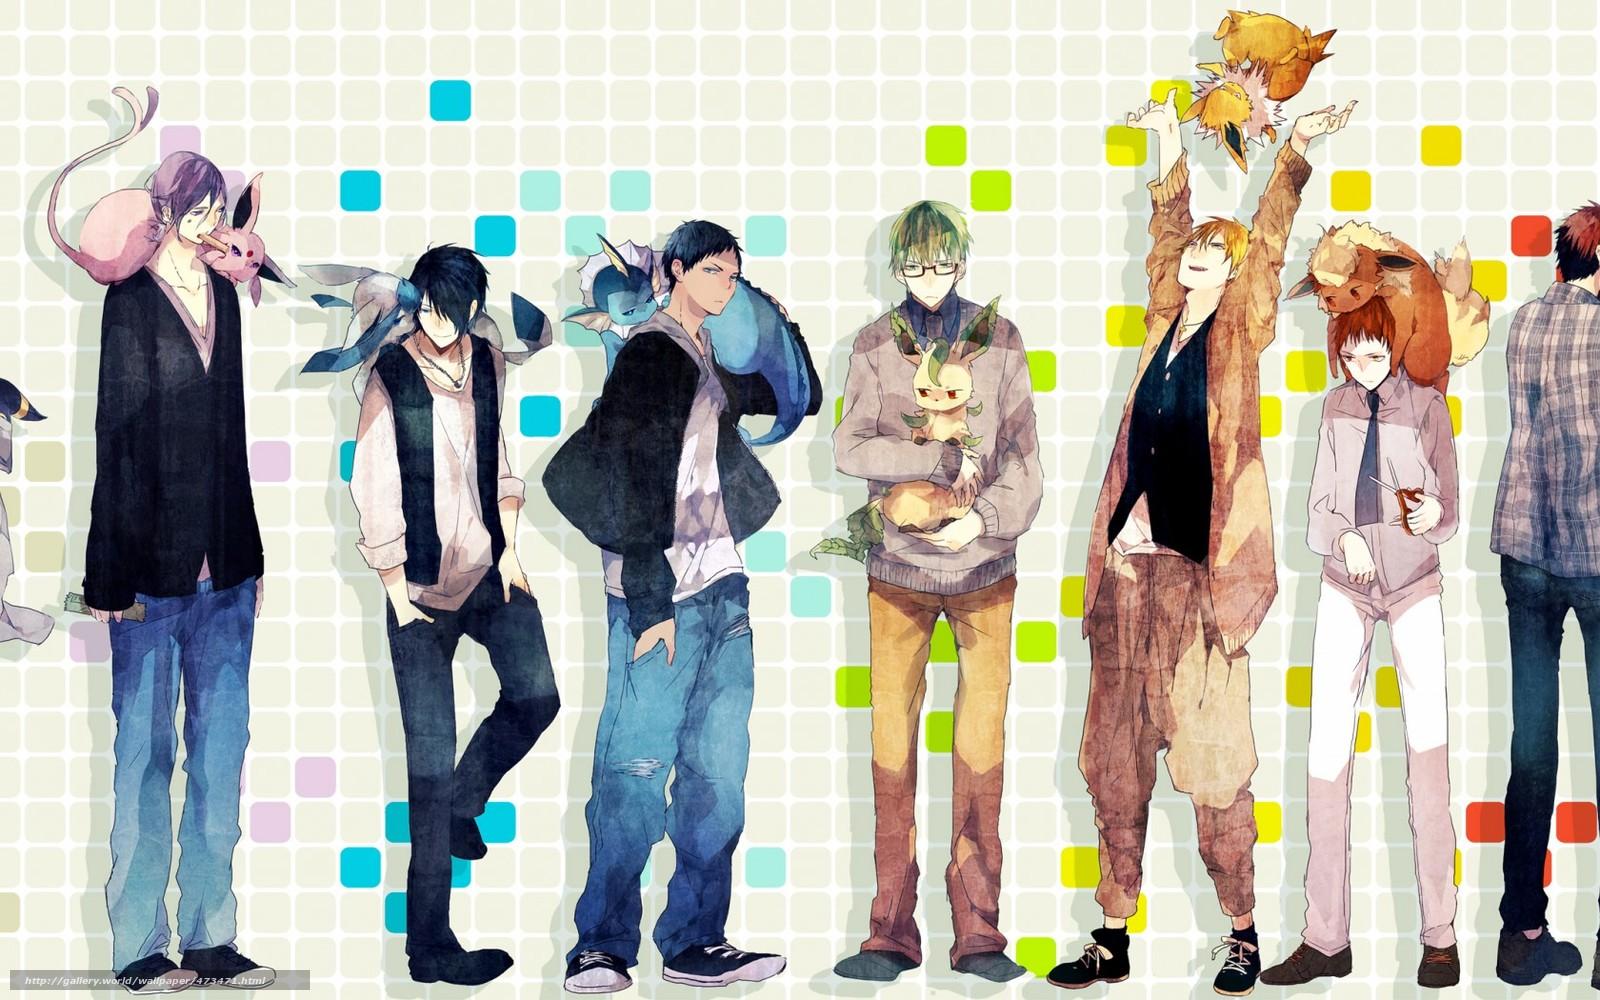 скачать картинки аниме парней: